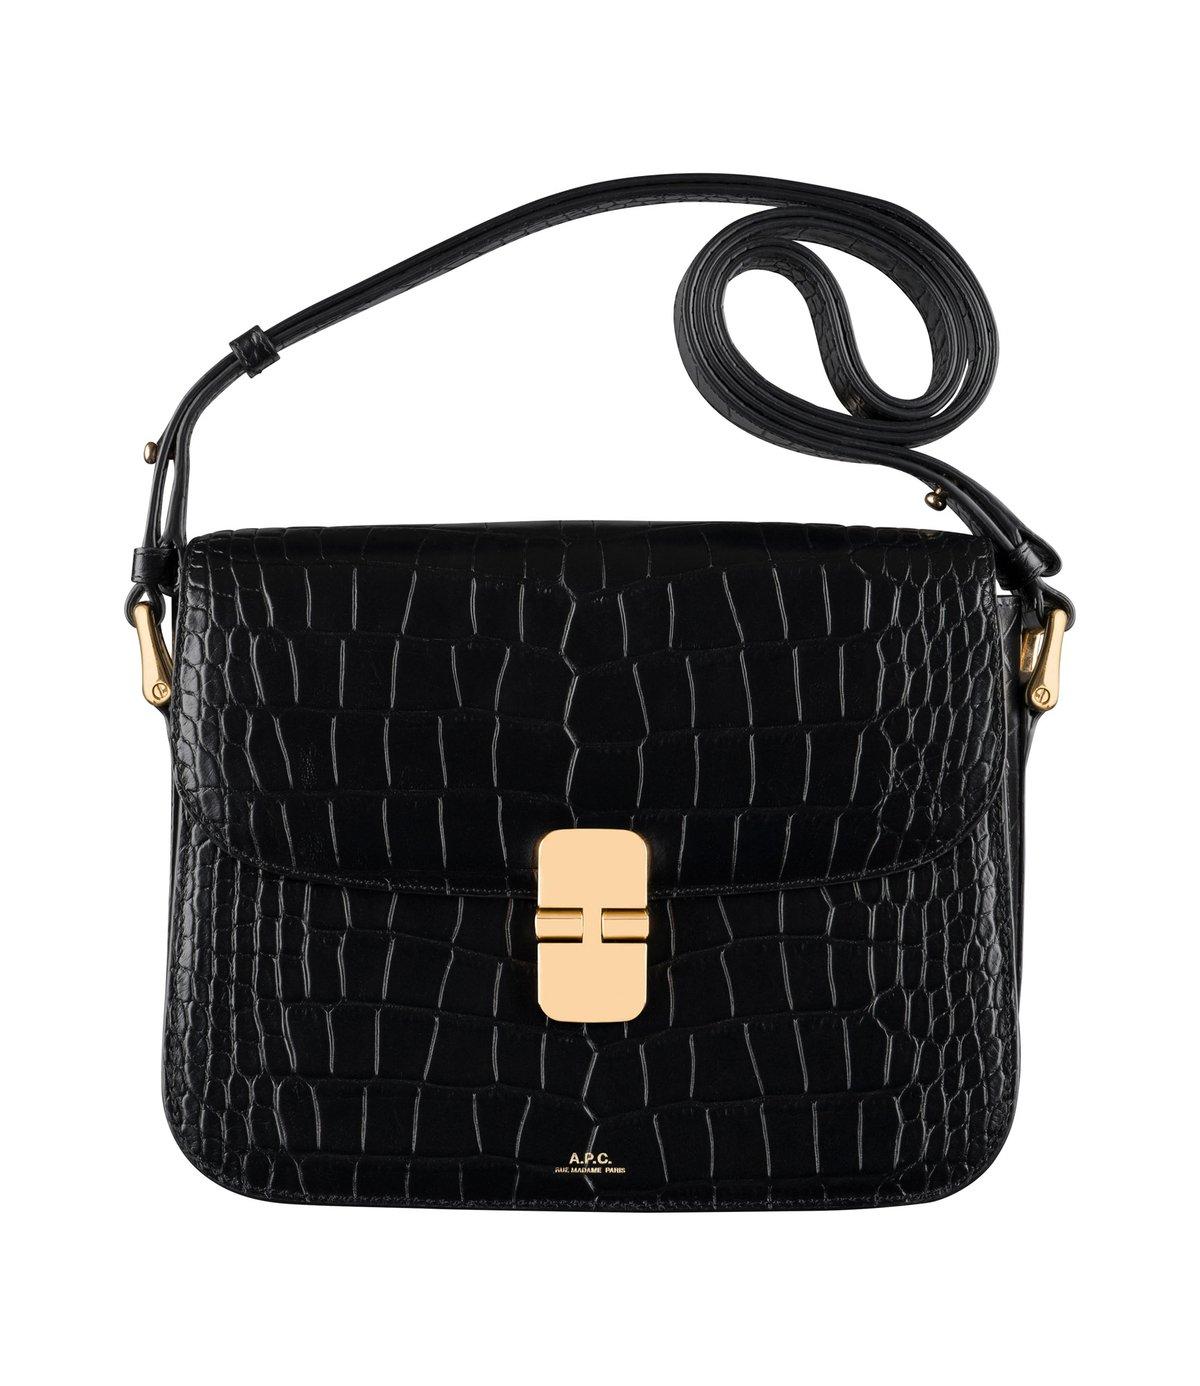 A.P.C. Grace Lizard-Effect Leather Shoulder Bag